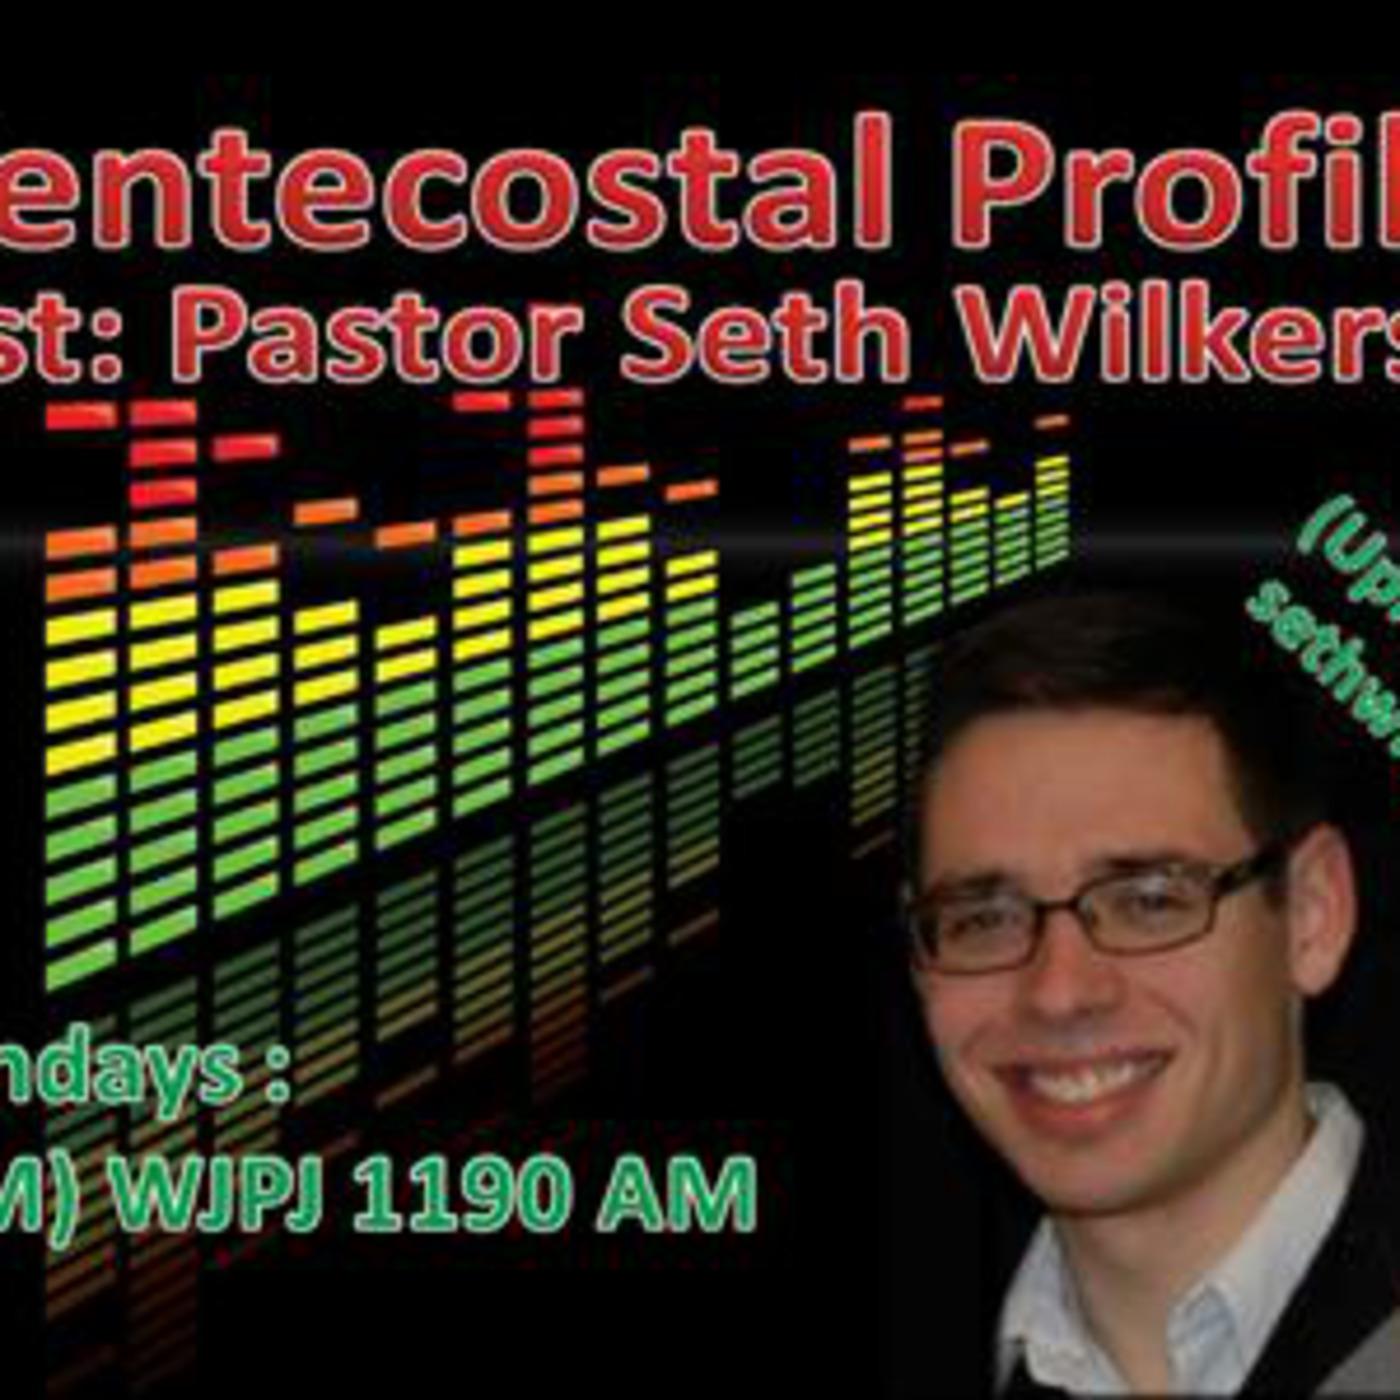 Pentecostal Profile